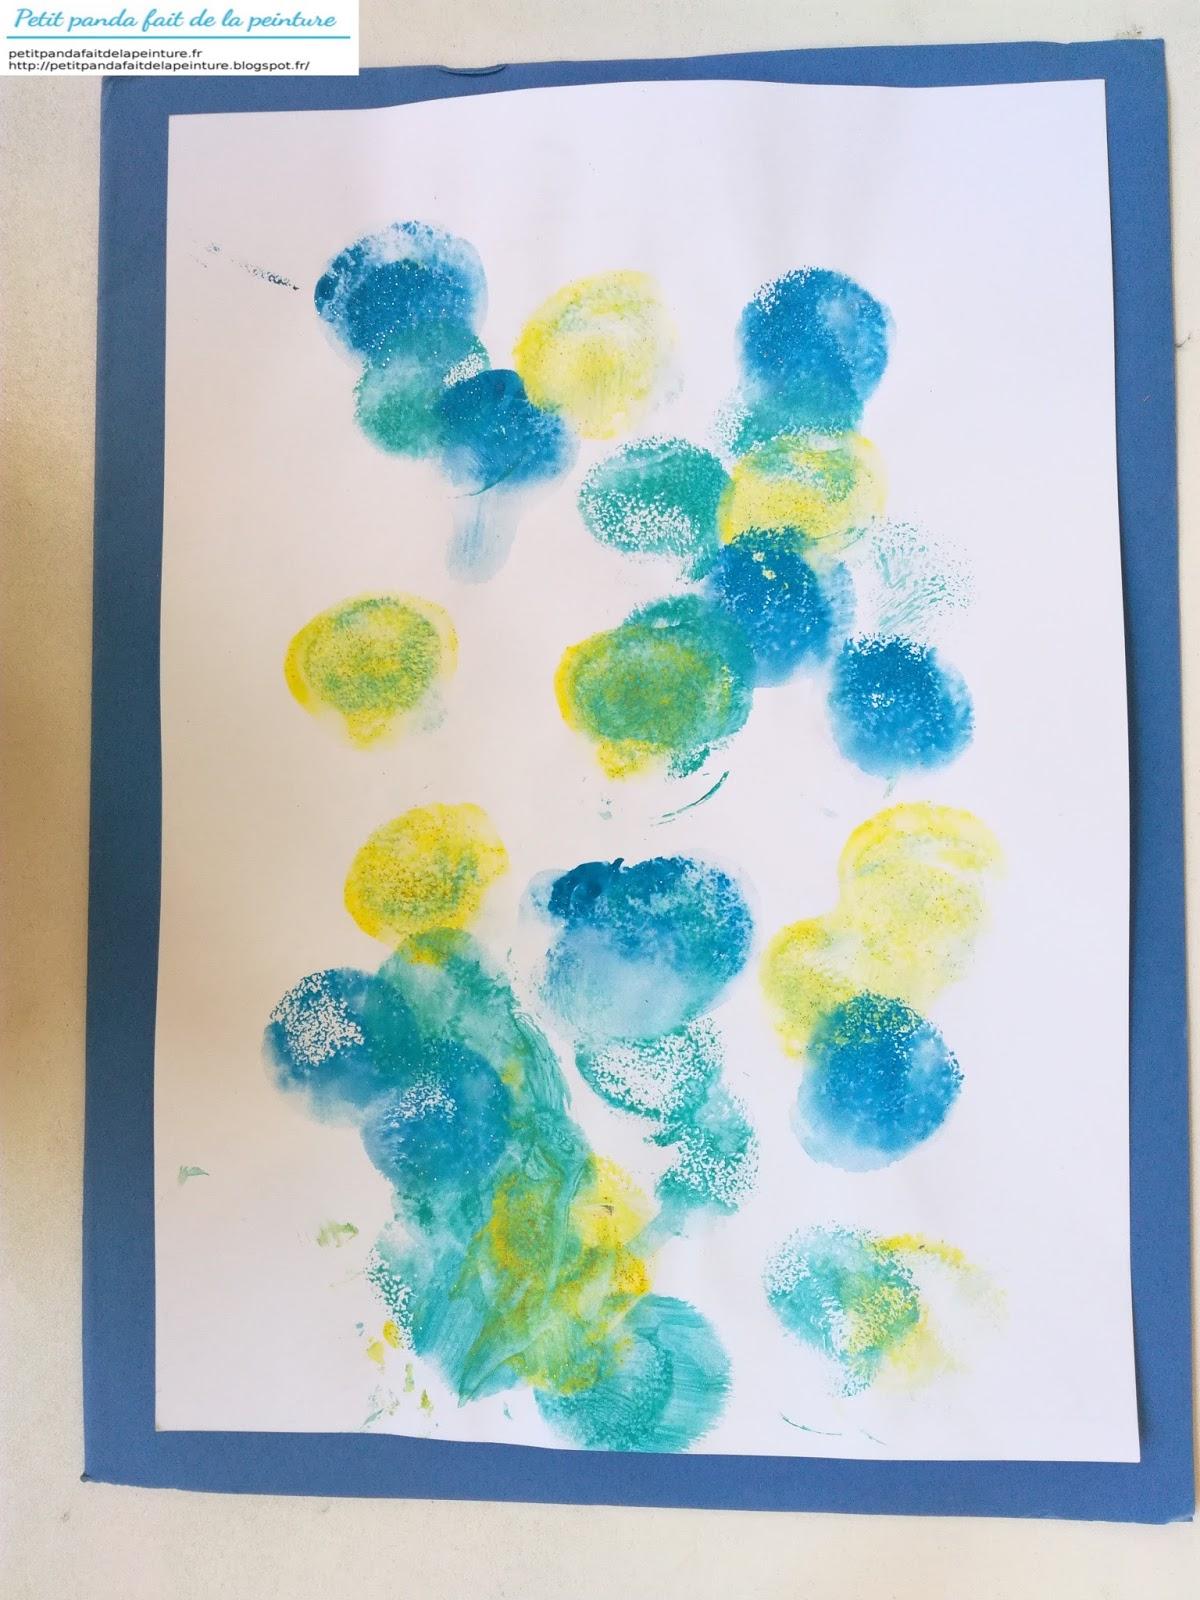 petit panda fait de la peinture peinture de la mer et du With delightful commentaire preparer une couleur de peinture 0 petit panda fait de la peinture peinture de la mer et du